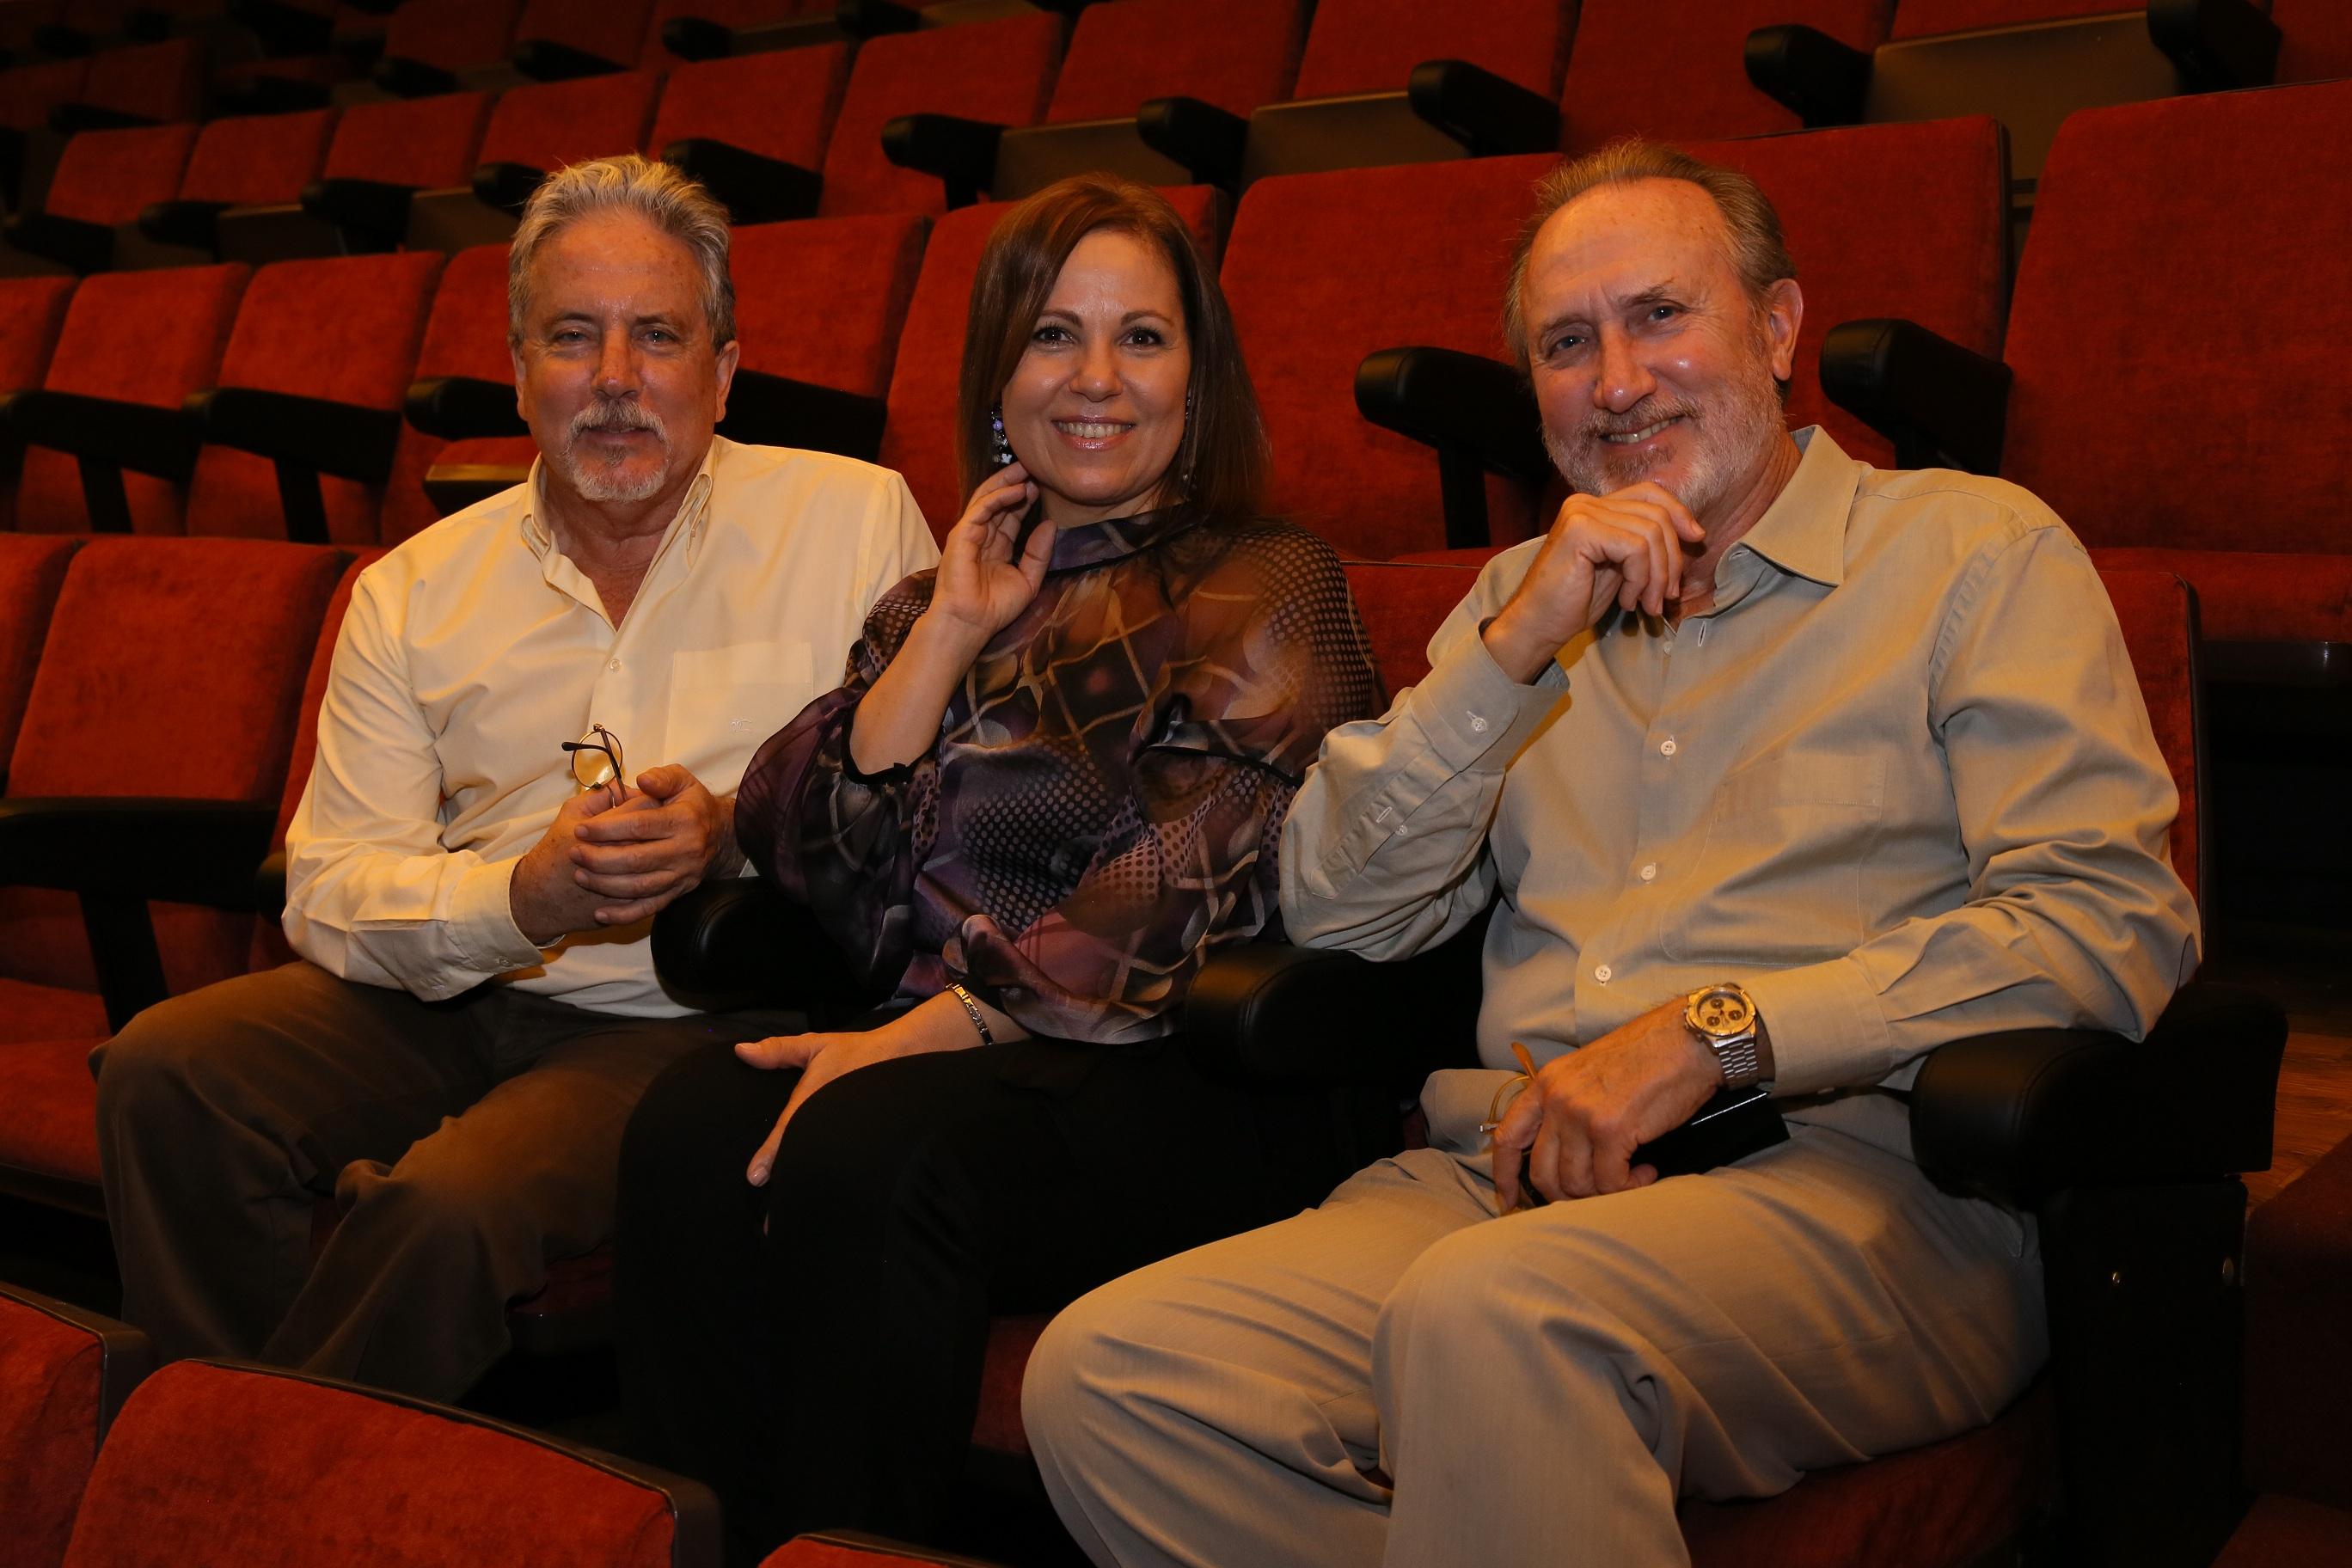 Dolores Hernández entrevistó a Teodoro y Santiago Ríos el 2 de diciembre de 2015, en el cine Víctor